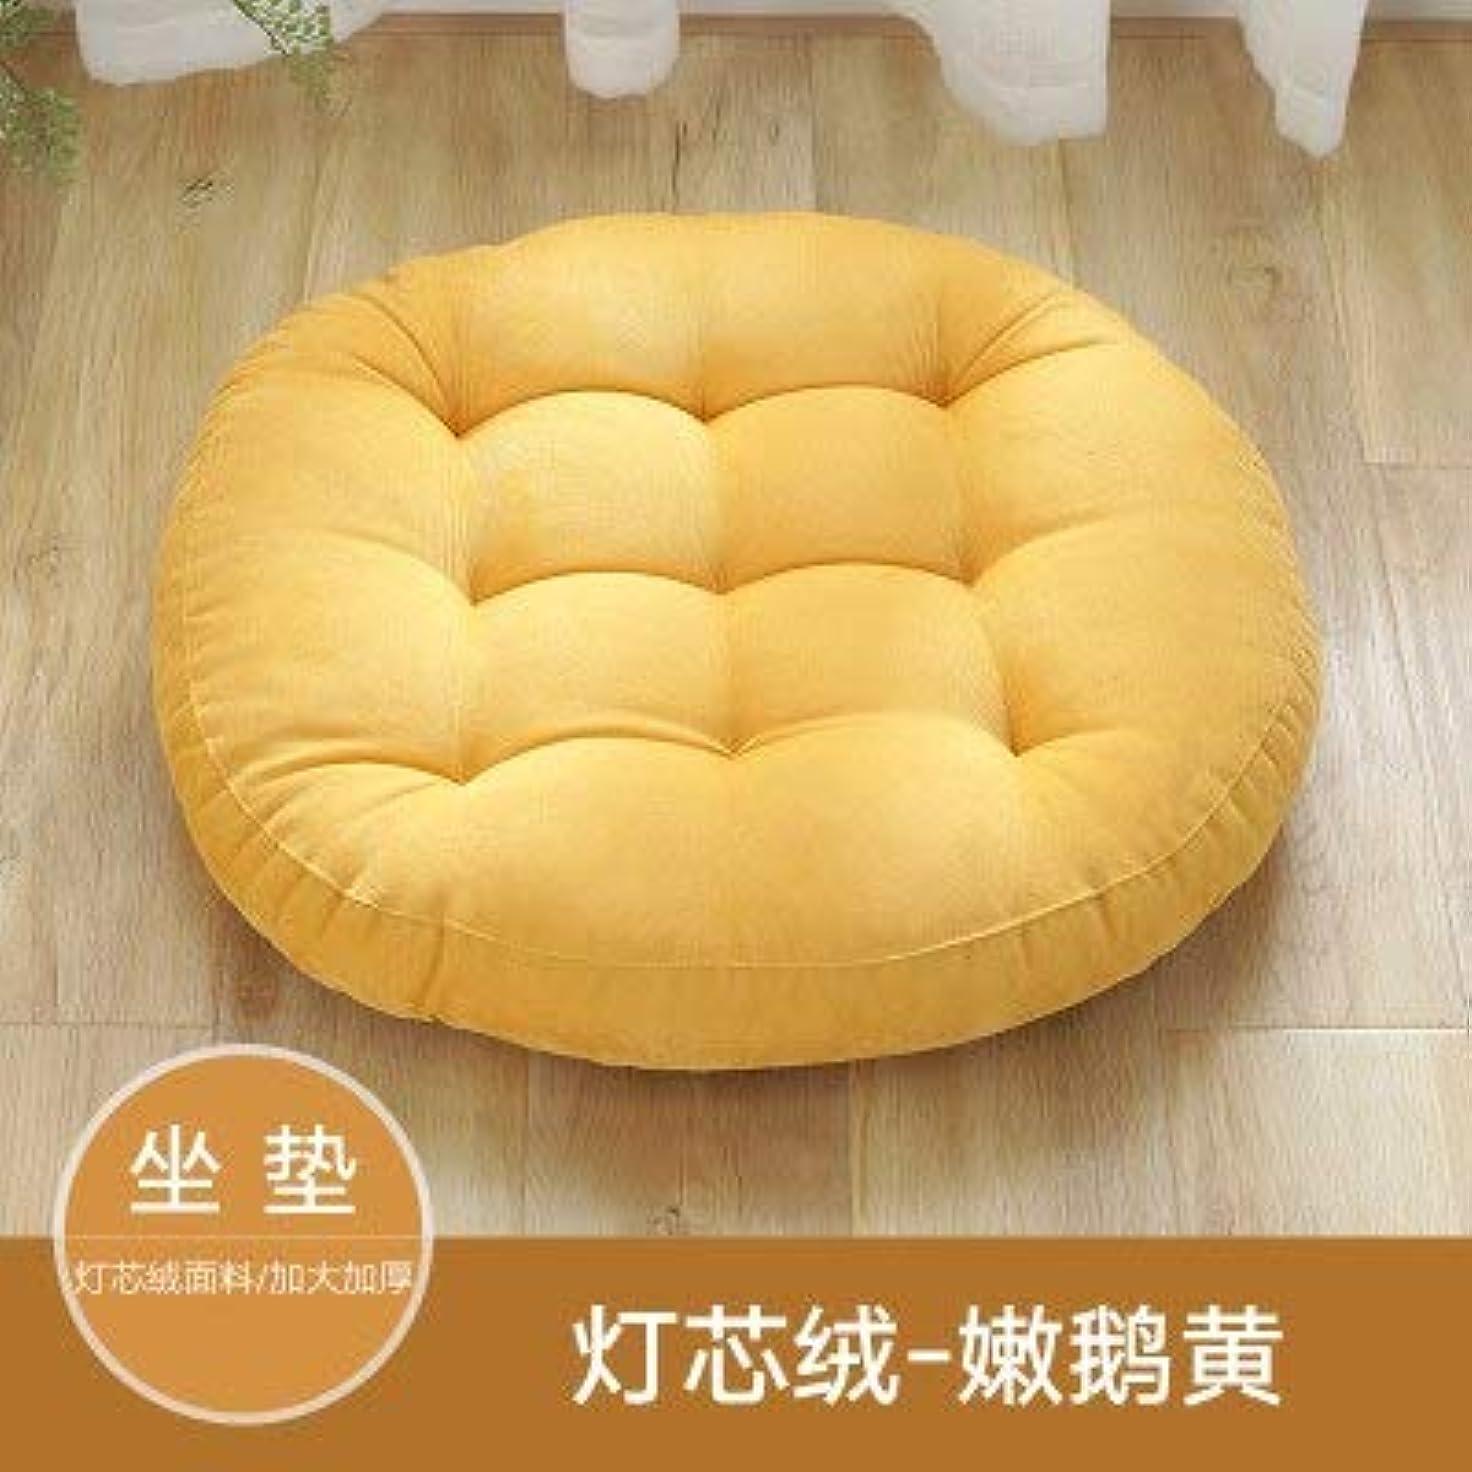 悪性リルピストンLIFE ラウンド厚い椅子のクッションフロアマットレスシートパッドソフトホームオフィスチェアクッションマットソフトスロー枕最高品質の床クッション クッション 椅子